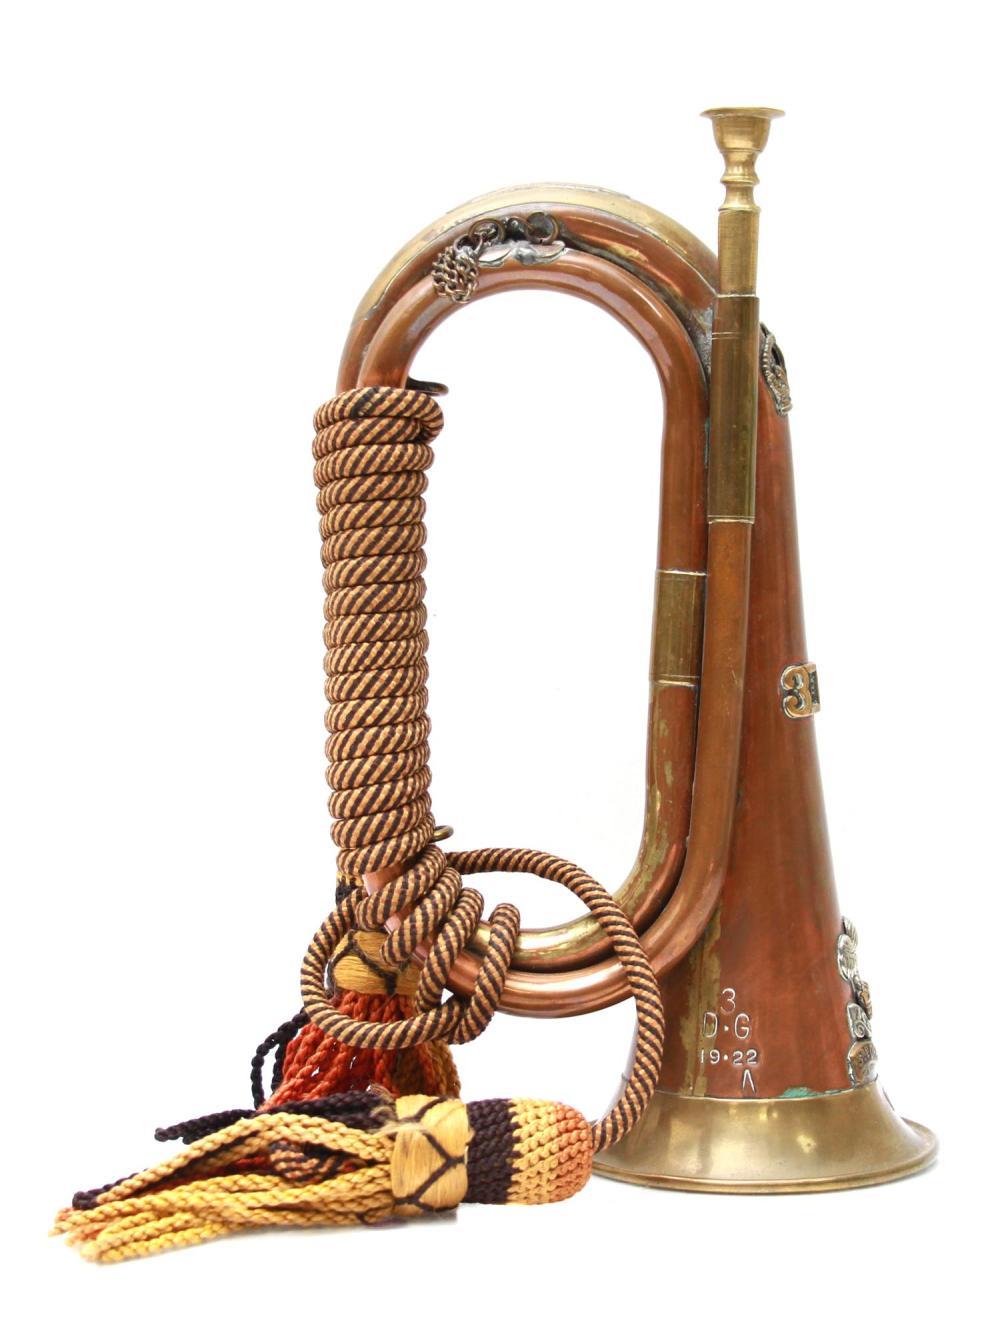 AN ANTIQUE BRASS AND SILVER REGIMENT BUGLE HORN